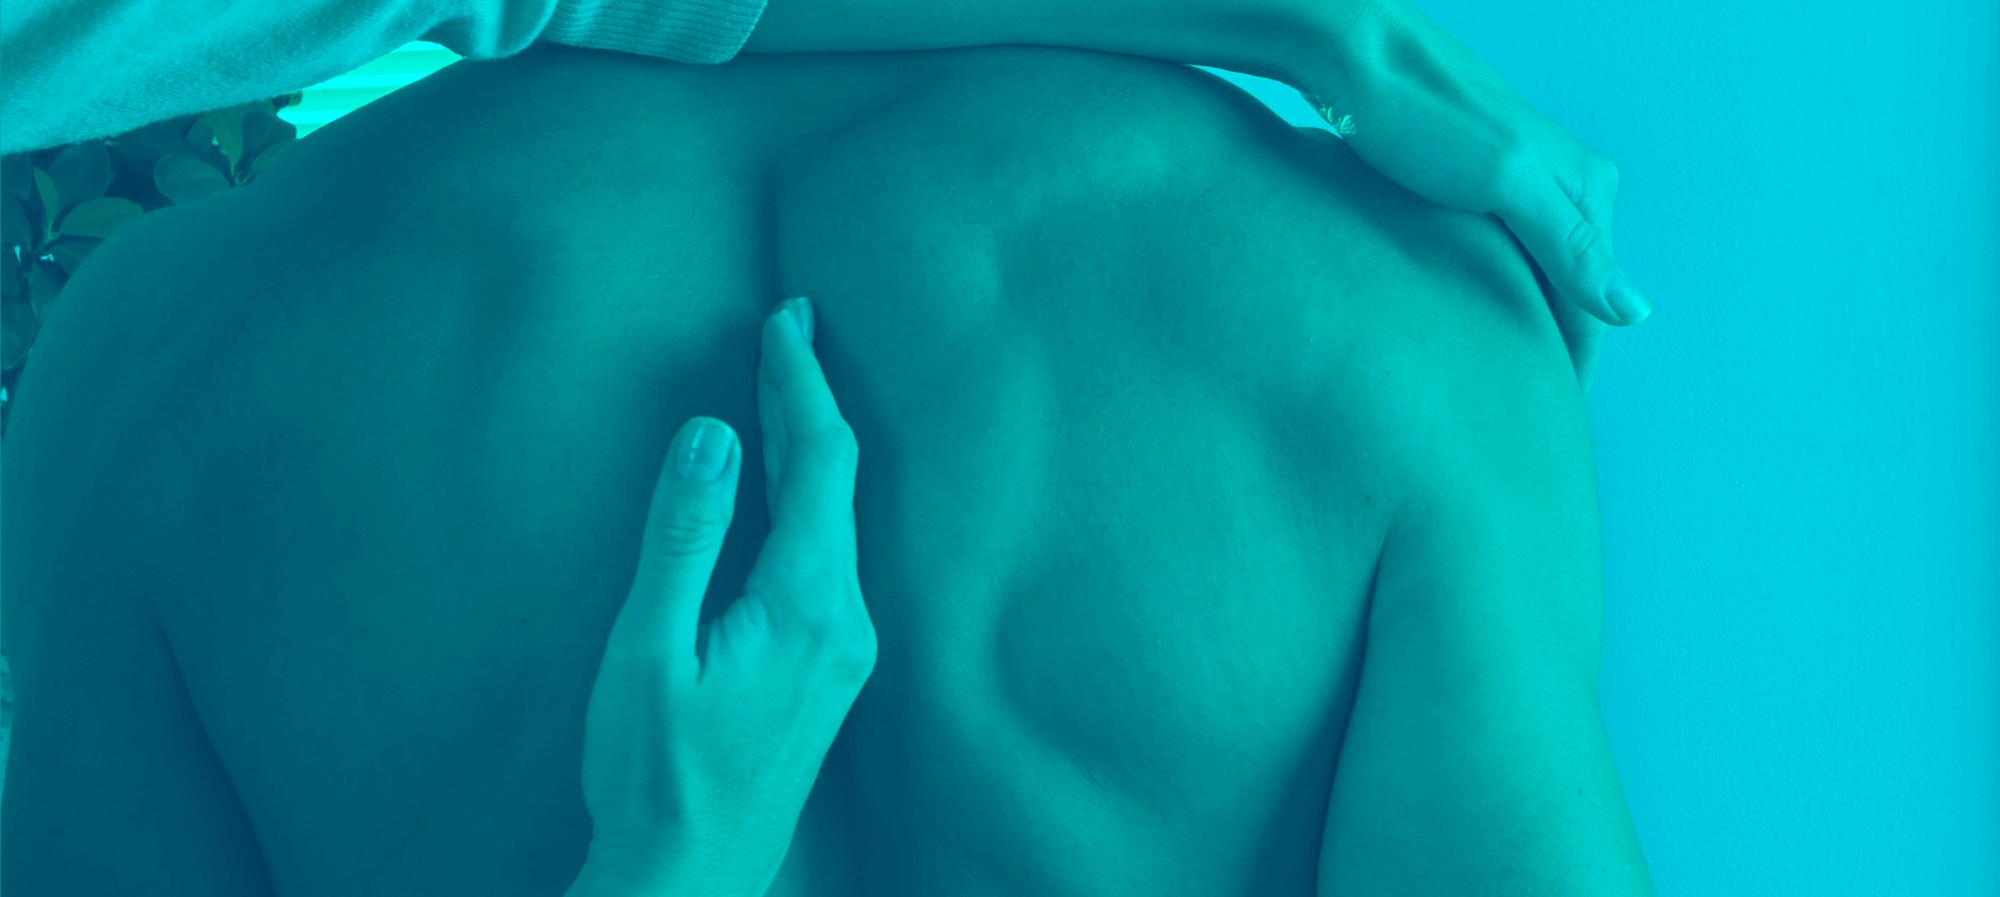 Bóle w obrębie kręgosłupa szyjnego i głowy